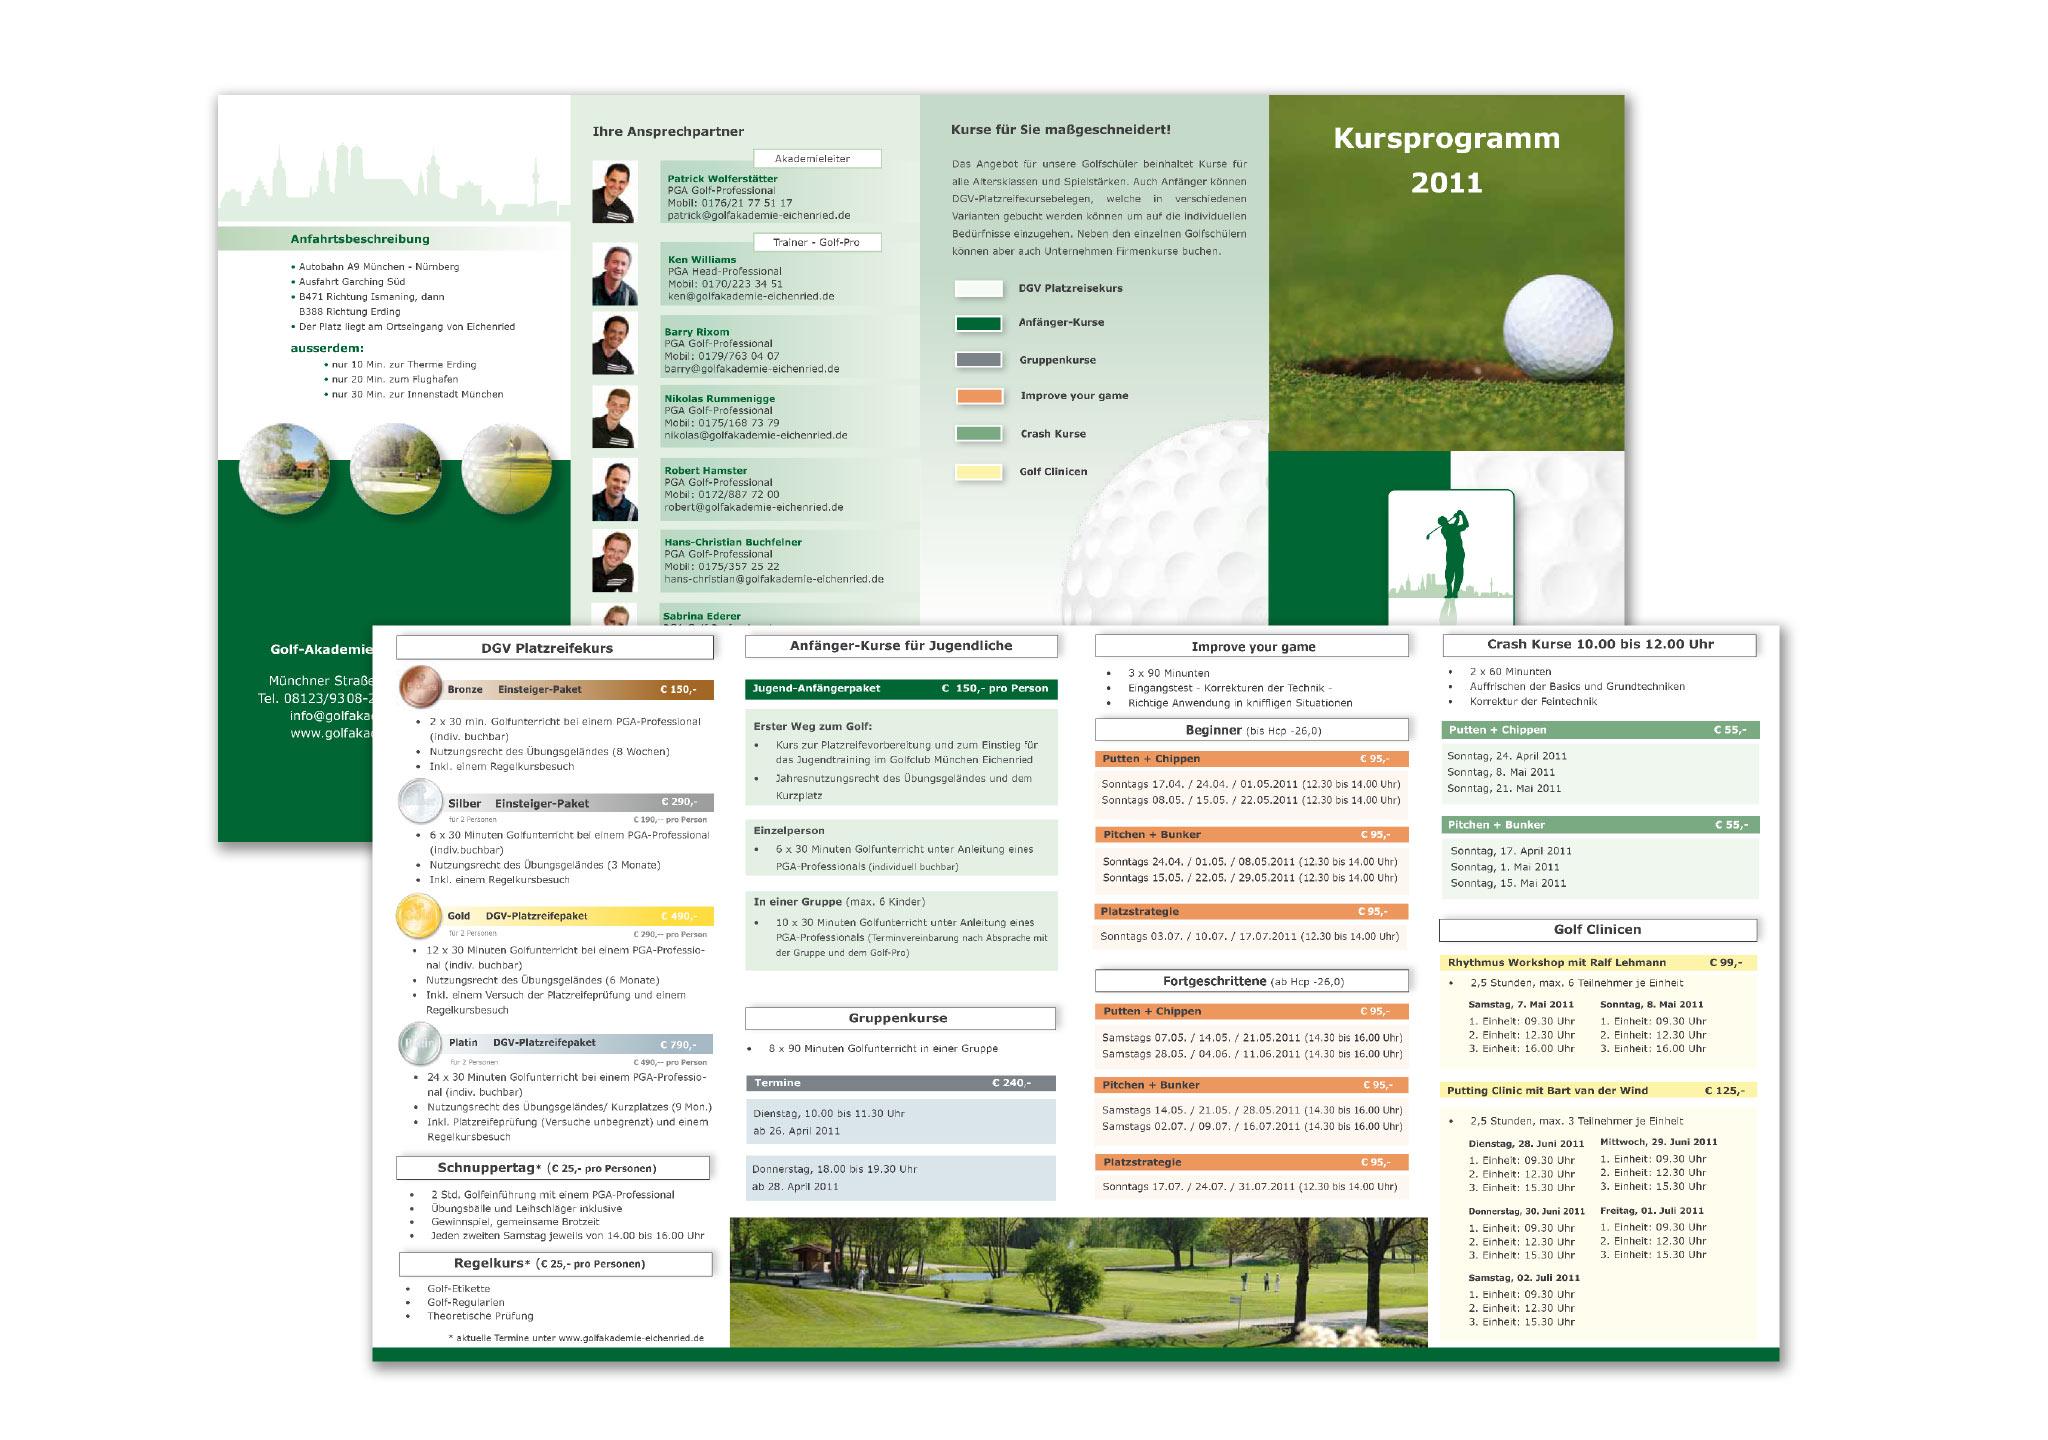 Flyer und Kursprogramm für Golf die Printmedien